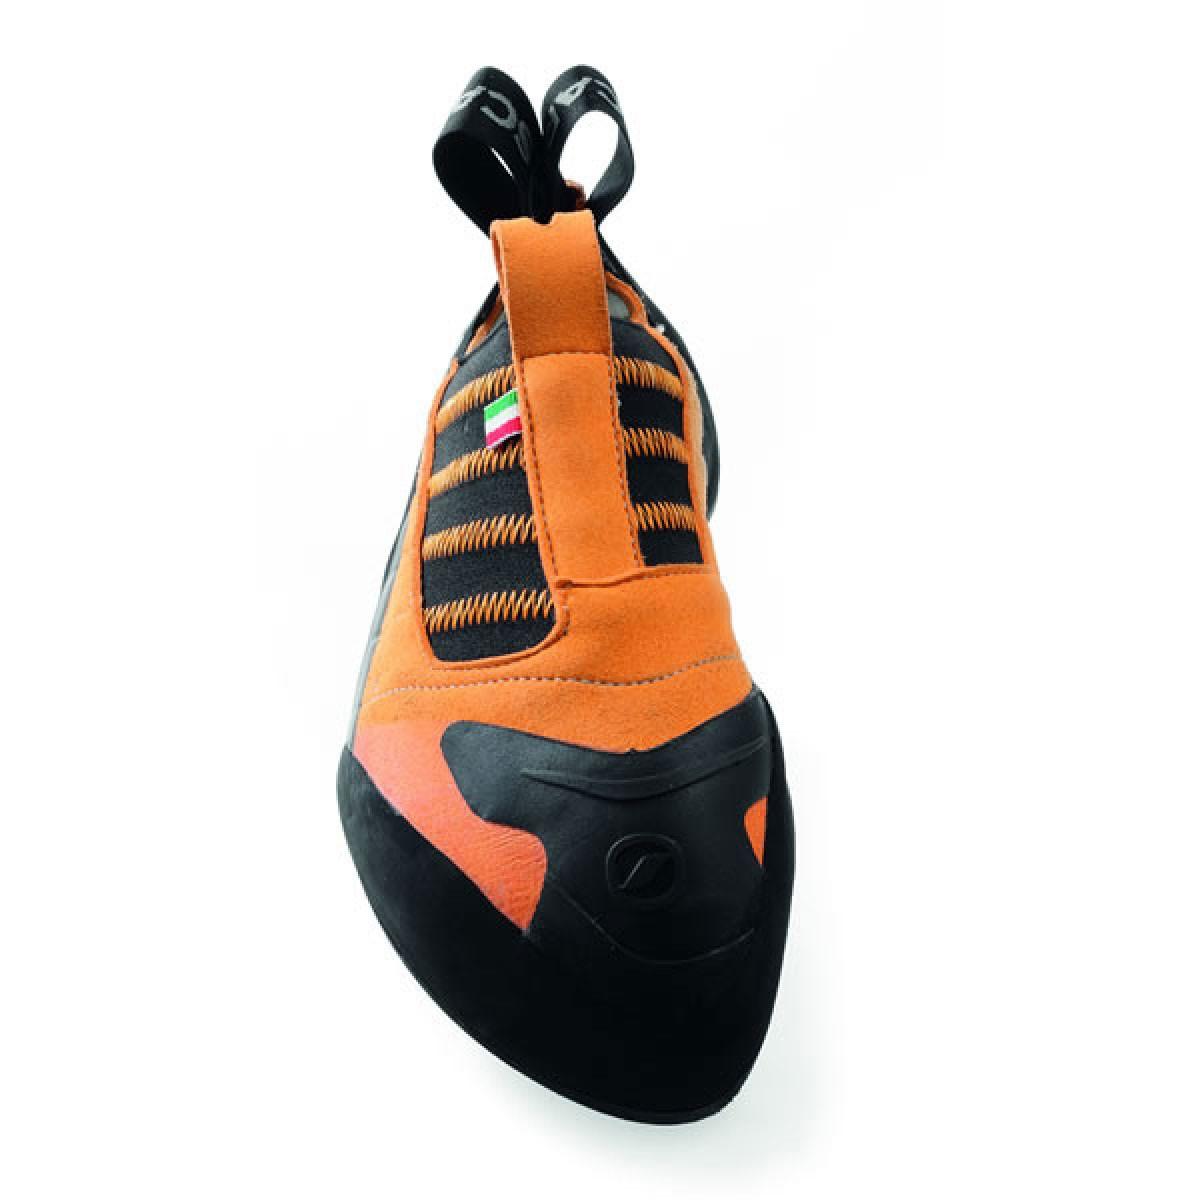 a20adc2123 Instinct S Climbing Shoe Instinct S Climbing Shoe